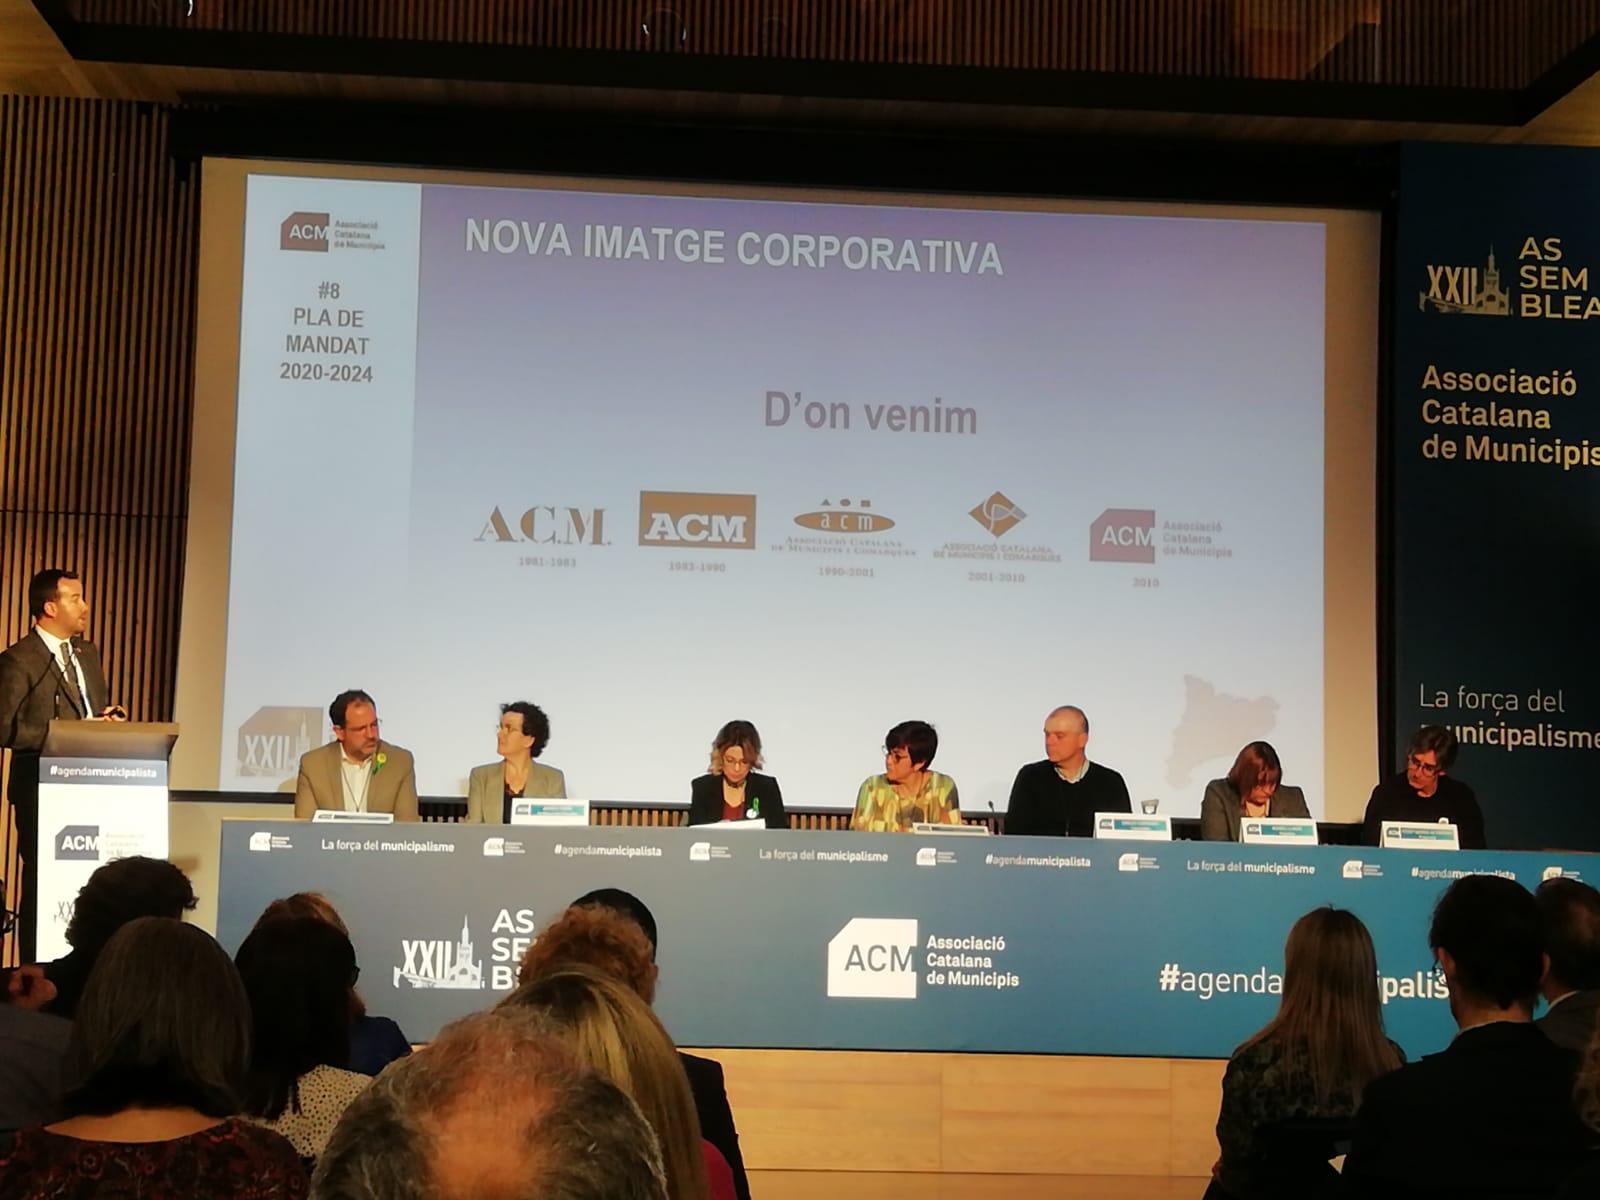 L'alcaldessa Agnès Ferré ha estat nomenada representant de l'Associació Catalana de Municipis al Servei d'Ocupació de Catalunya (SOC)